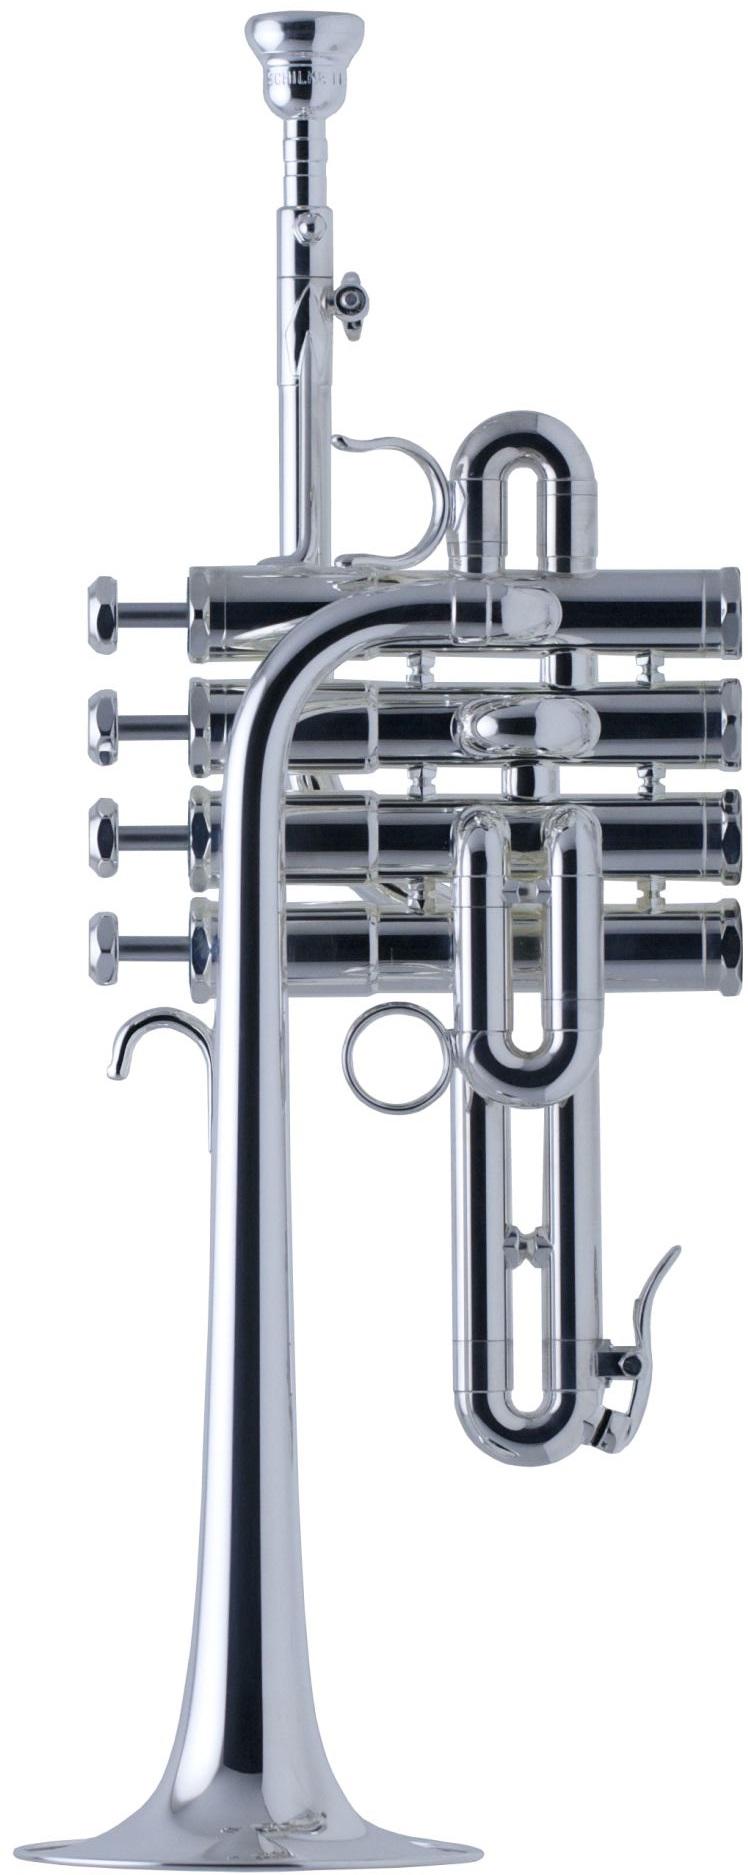 Schilke - P5 - 4BG Butler/Geyer - Blechblasinstrumente - Trompeten mit Perinet-Ventilen | MUSIK BERTRAM Deutschland Freiburg